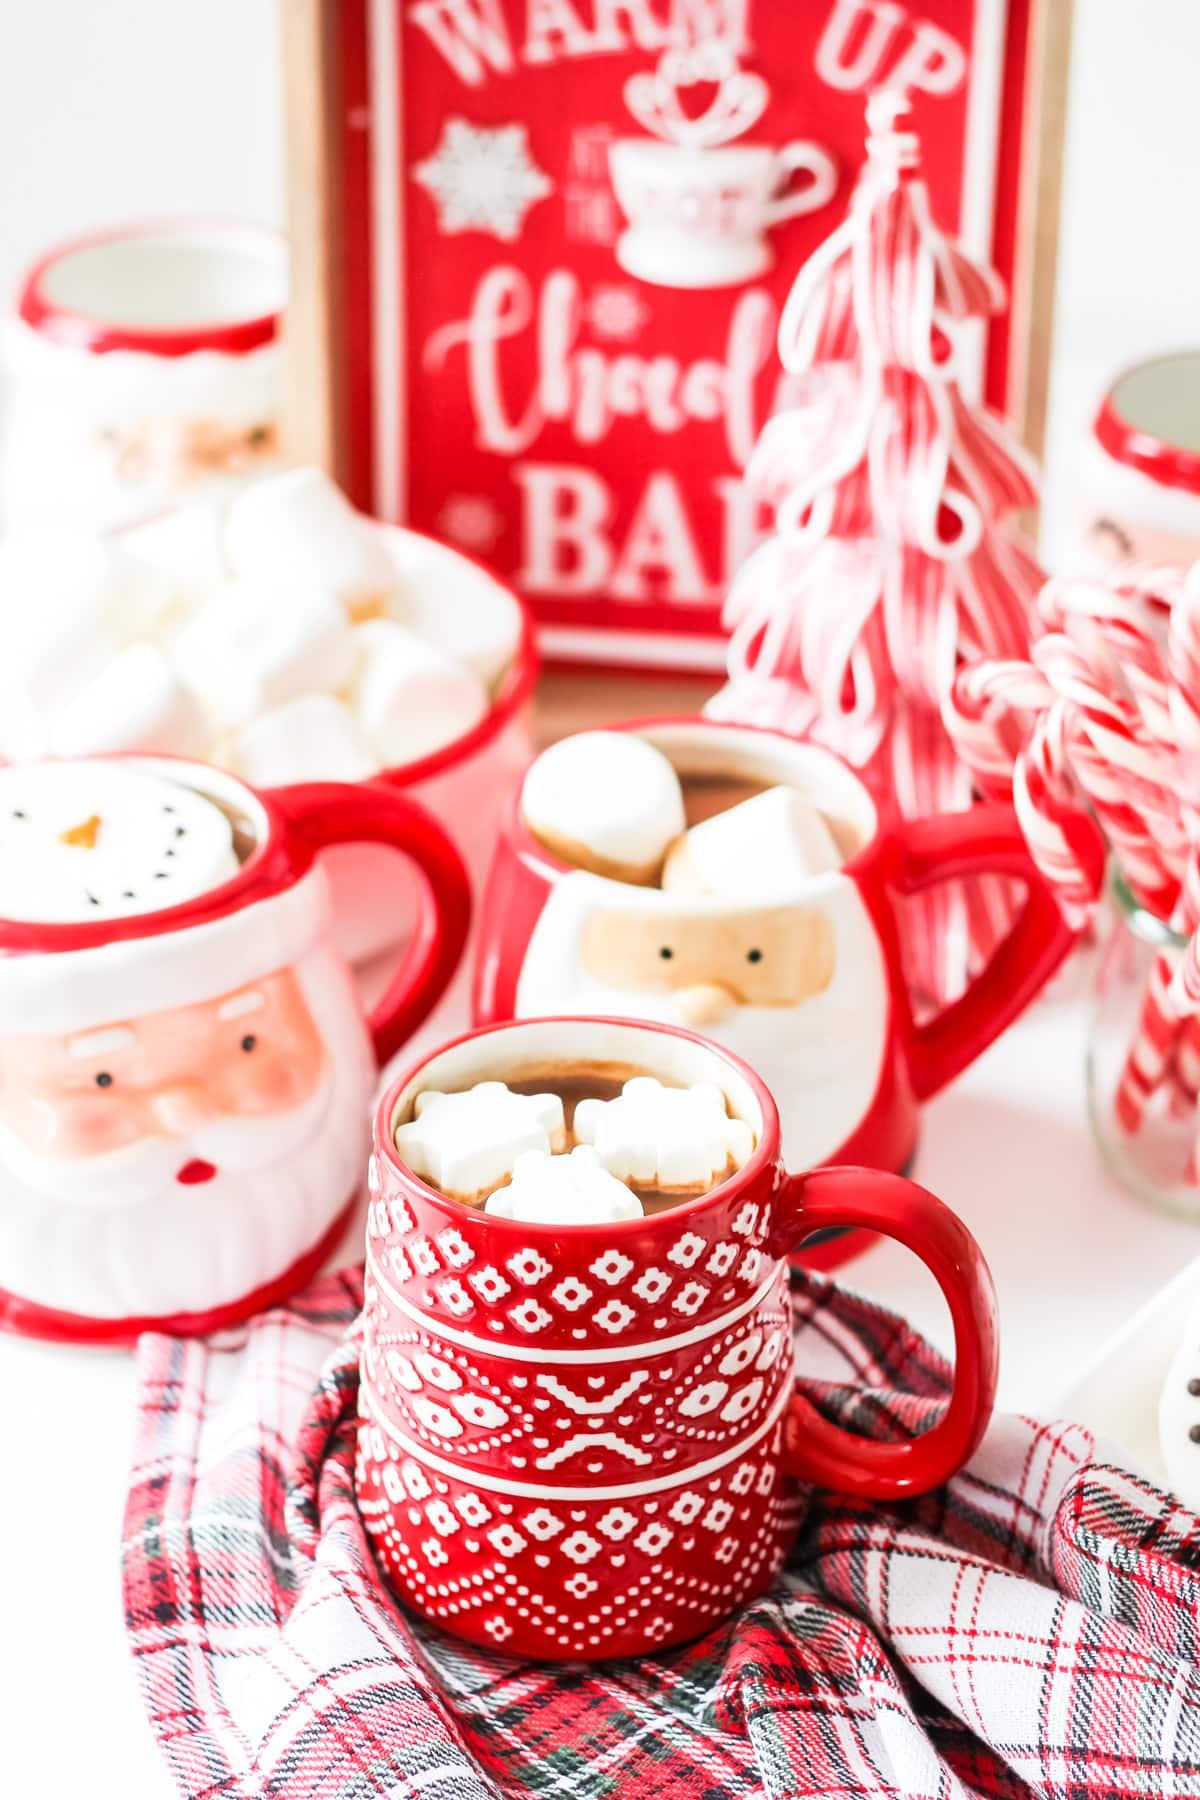 Santa mugs full of hot chocolate and marshmallows